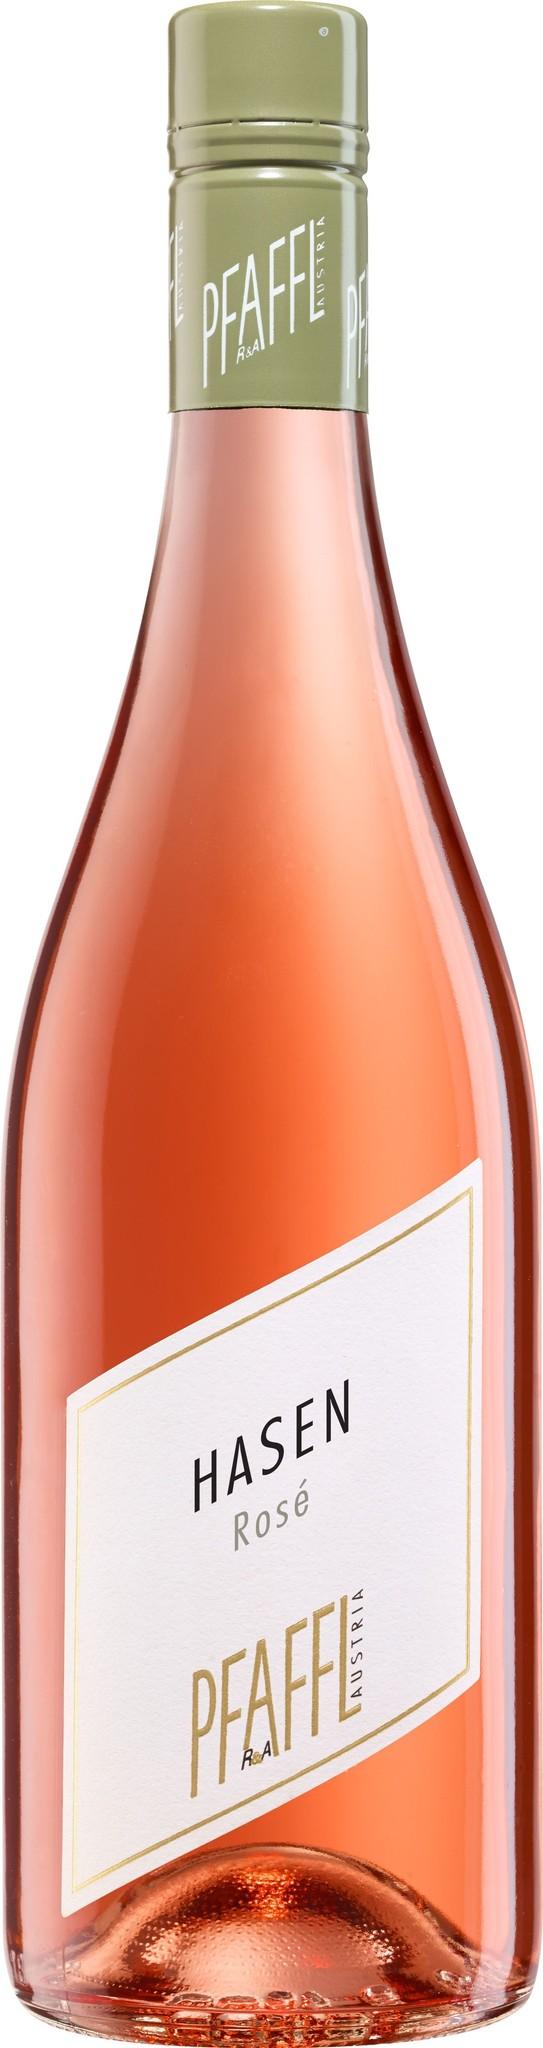 Pfaffl - Weinviertel & Wien 2019 Rosé Hasen, Pfaffl Weinviertel